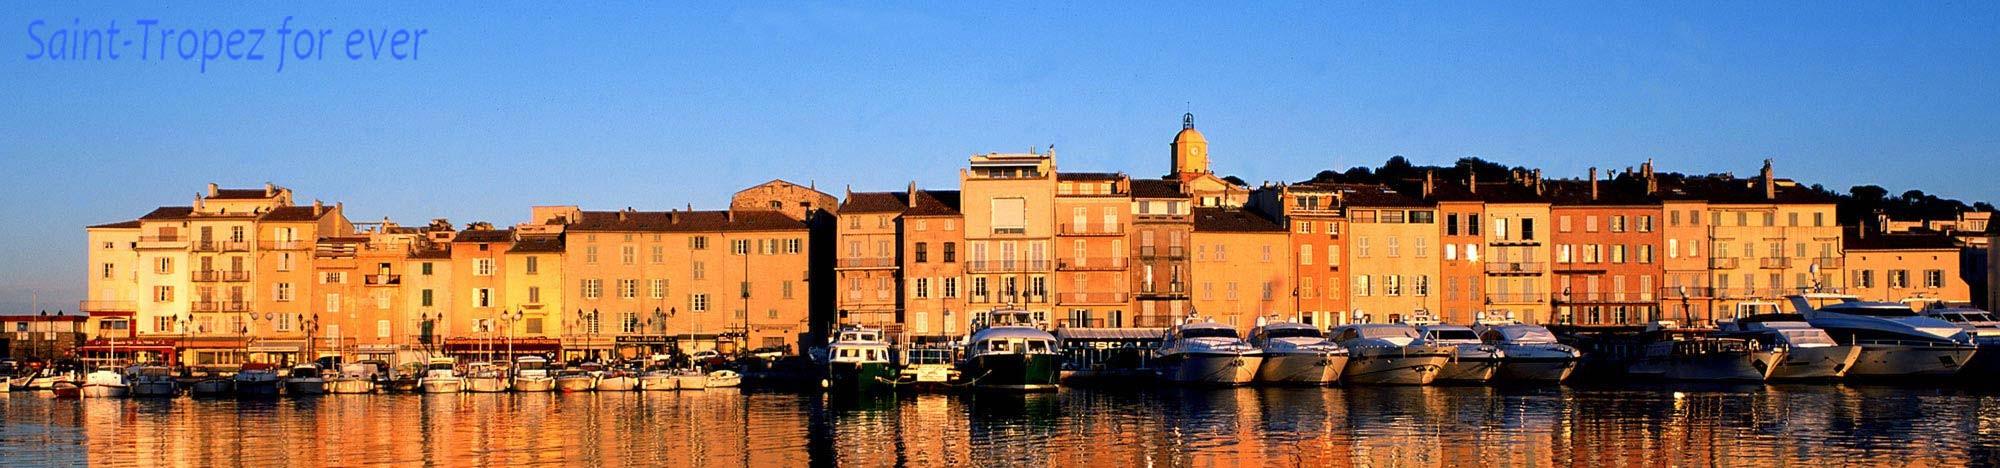 Saint-Tropez ... For Ever